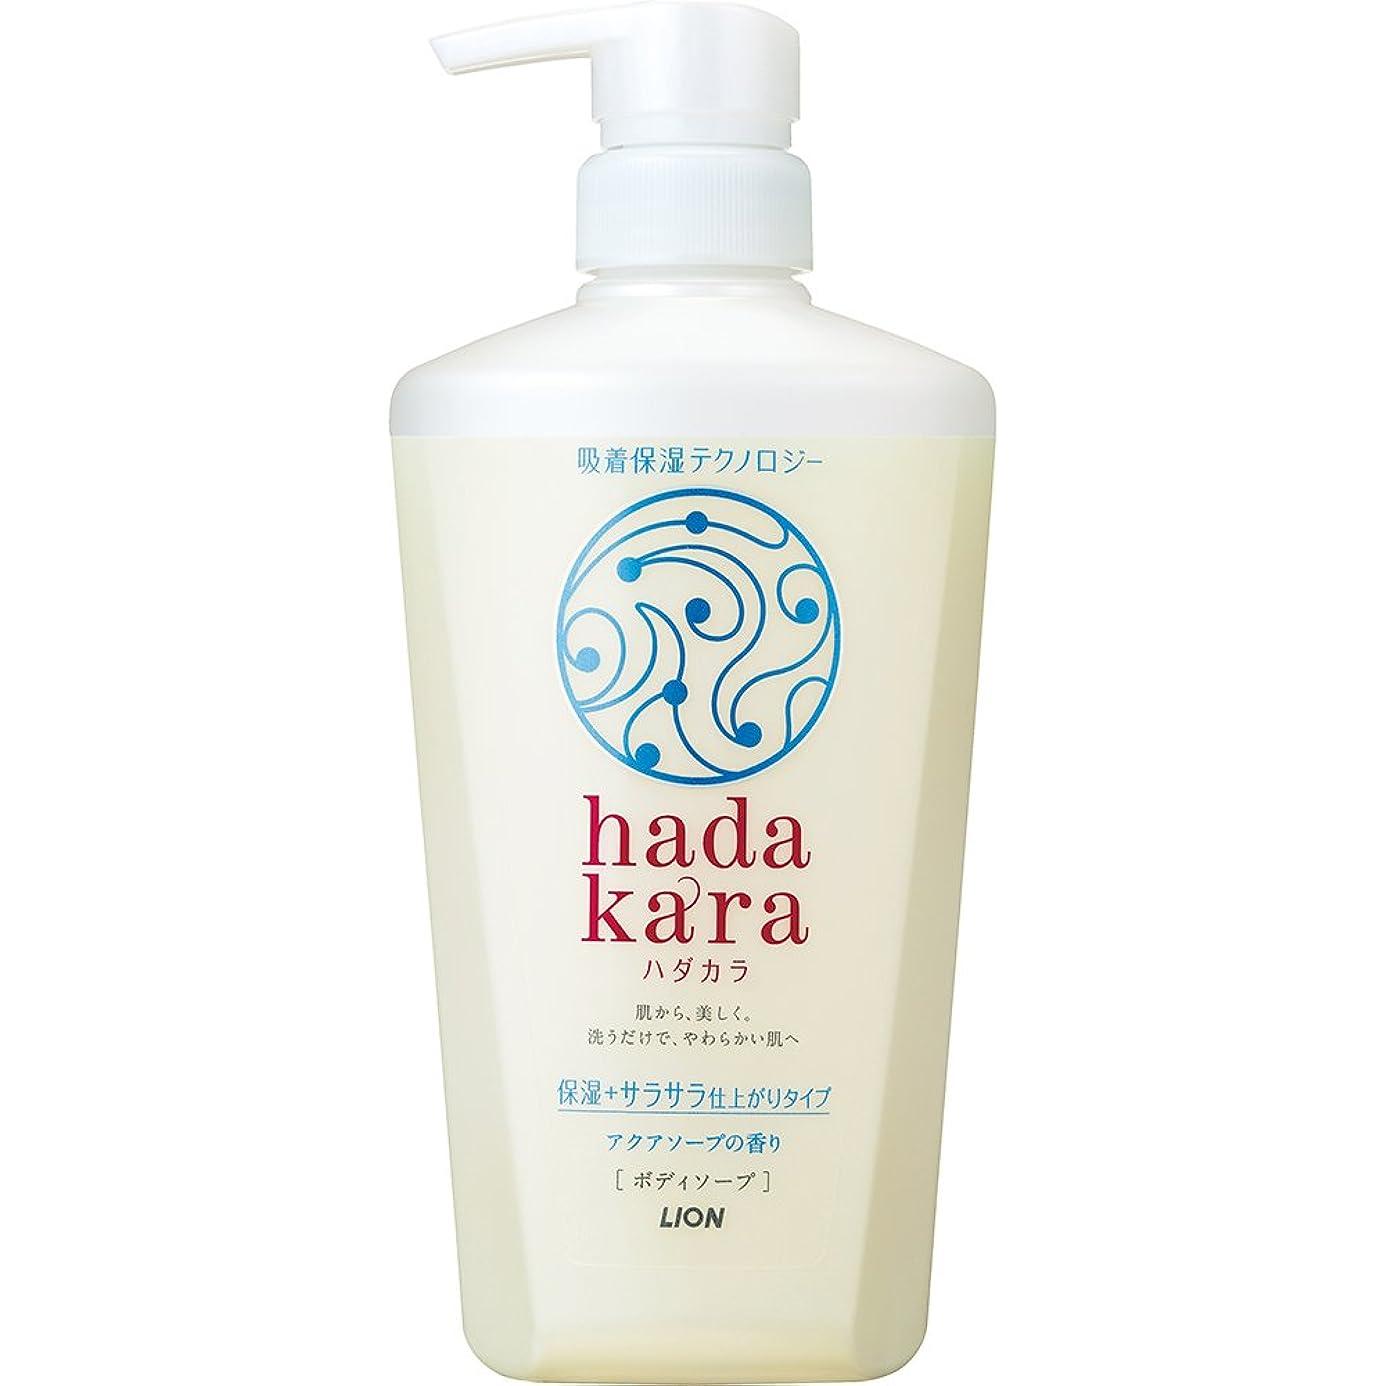 スキッパーボウルペインhadakara(ハダカラ) ボディソープ 保湿+サラサラ仕上がりタイプ アクアソープの香り 本体 480ml